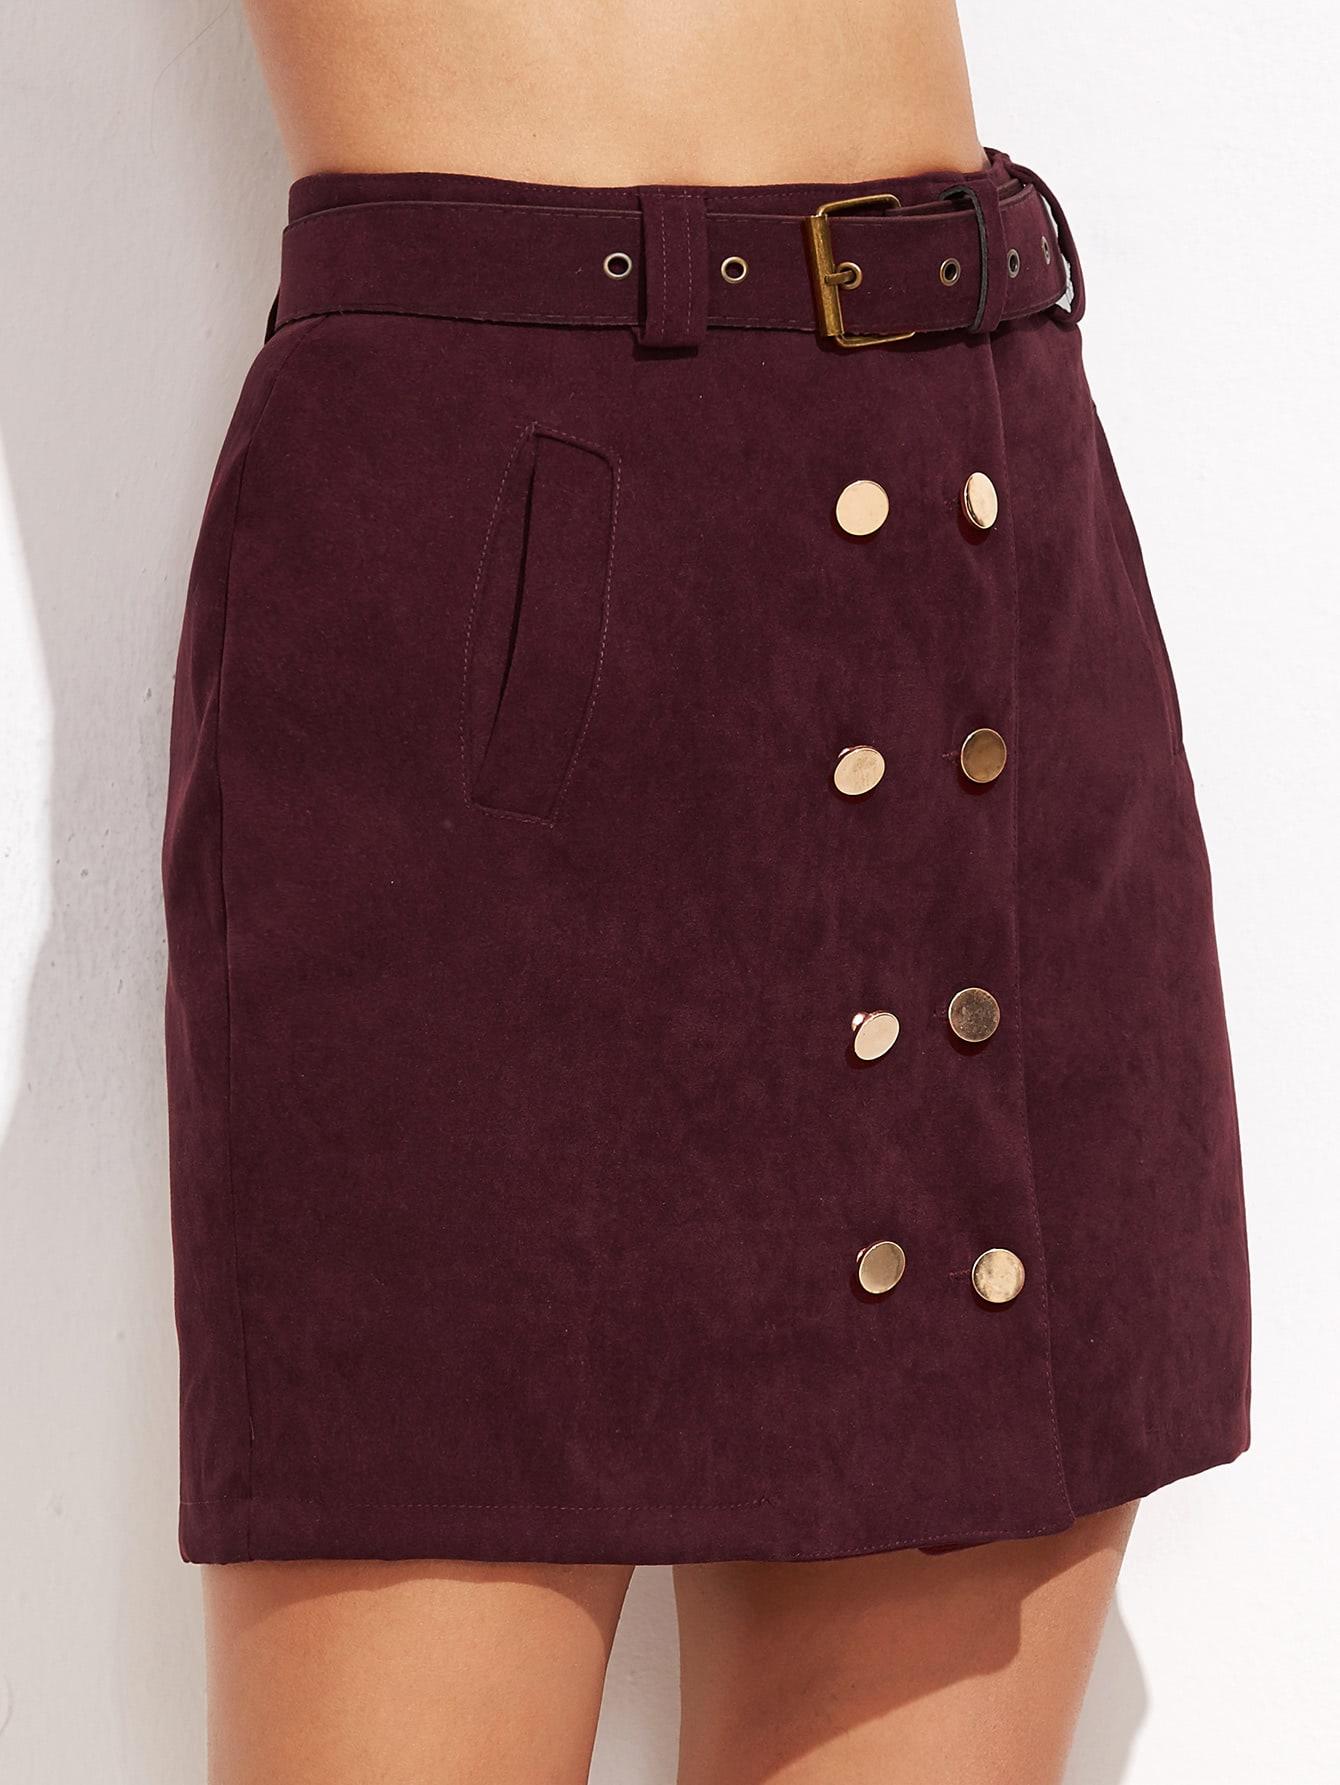 skirt161020102_2